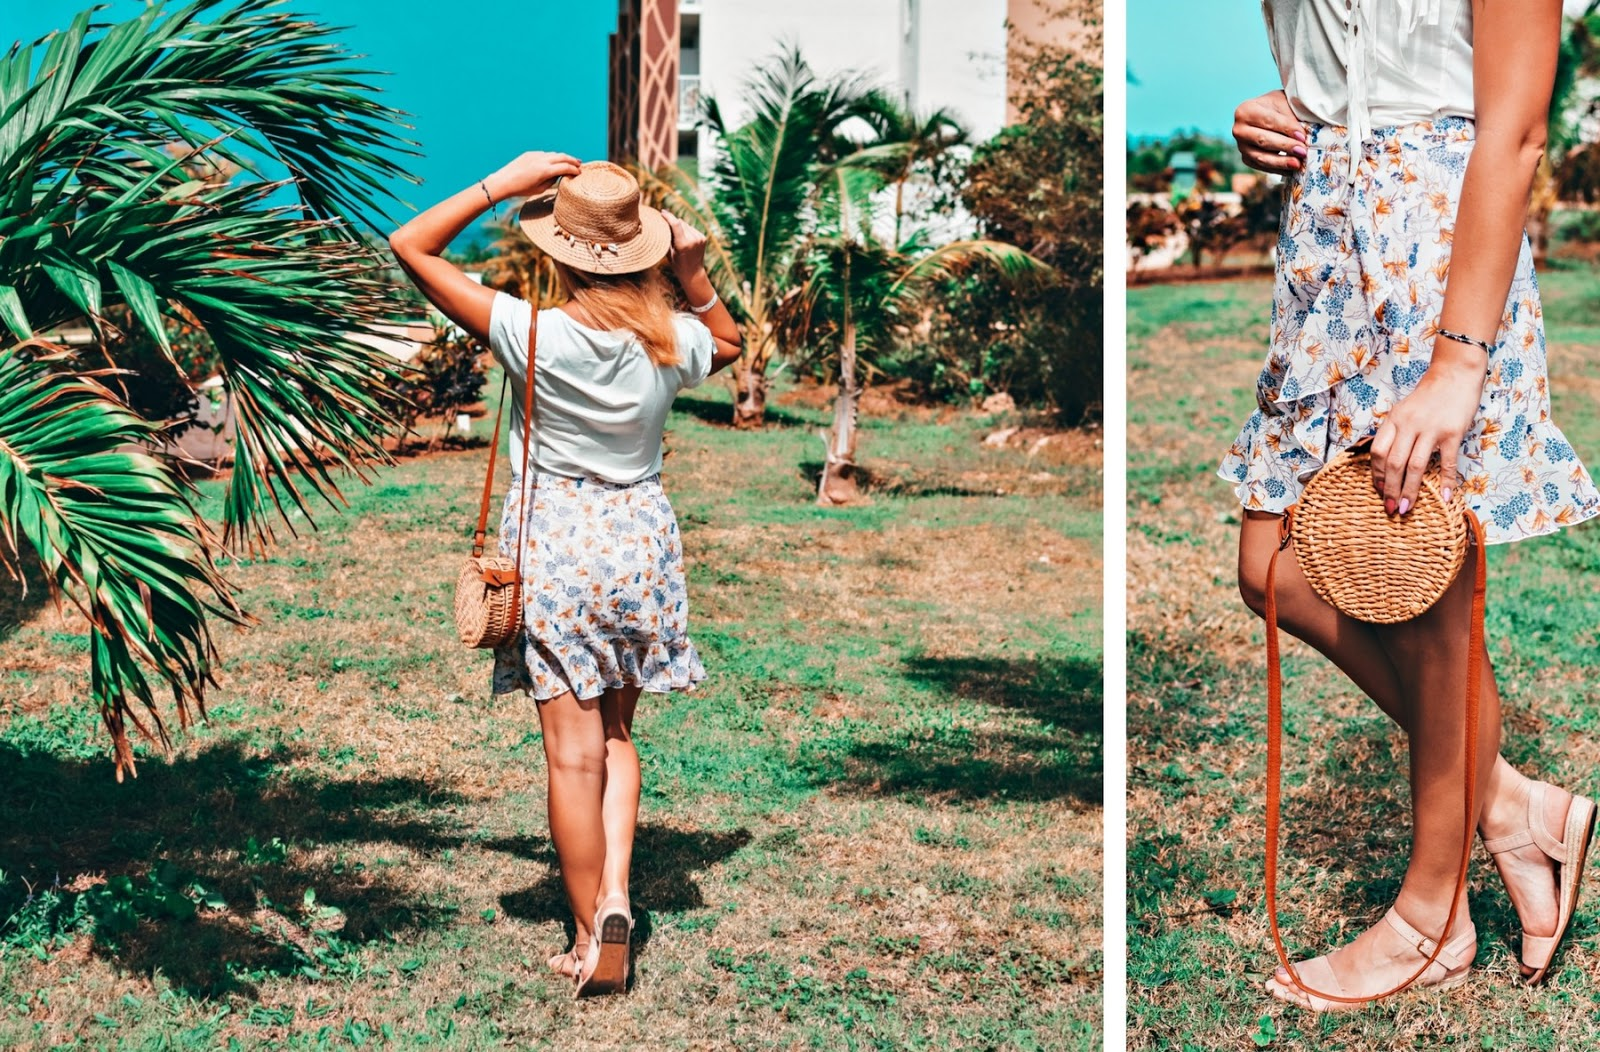 Krótka spódnica w kwiaty w wiosennej stylizacji